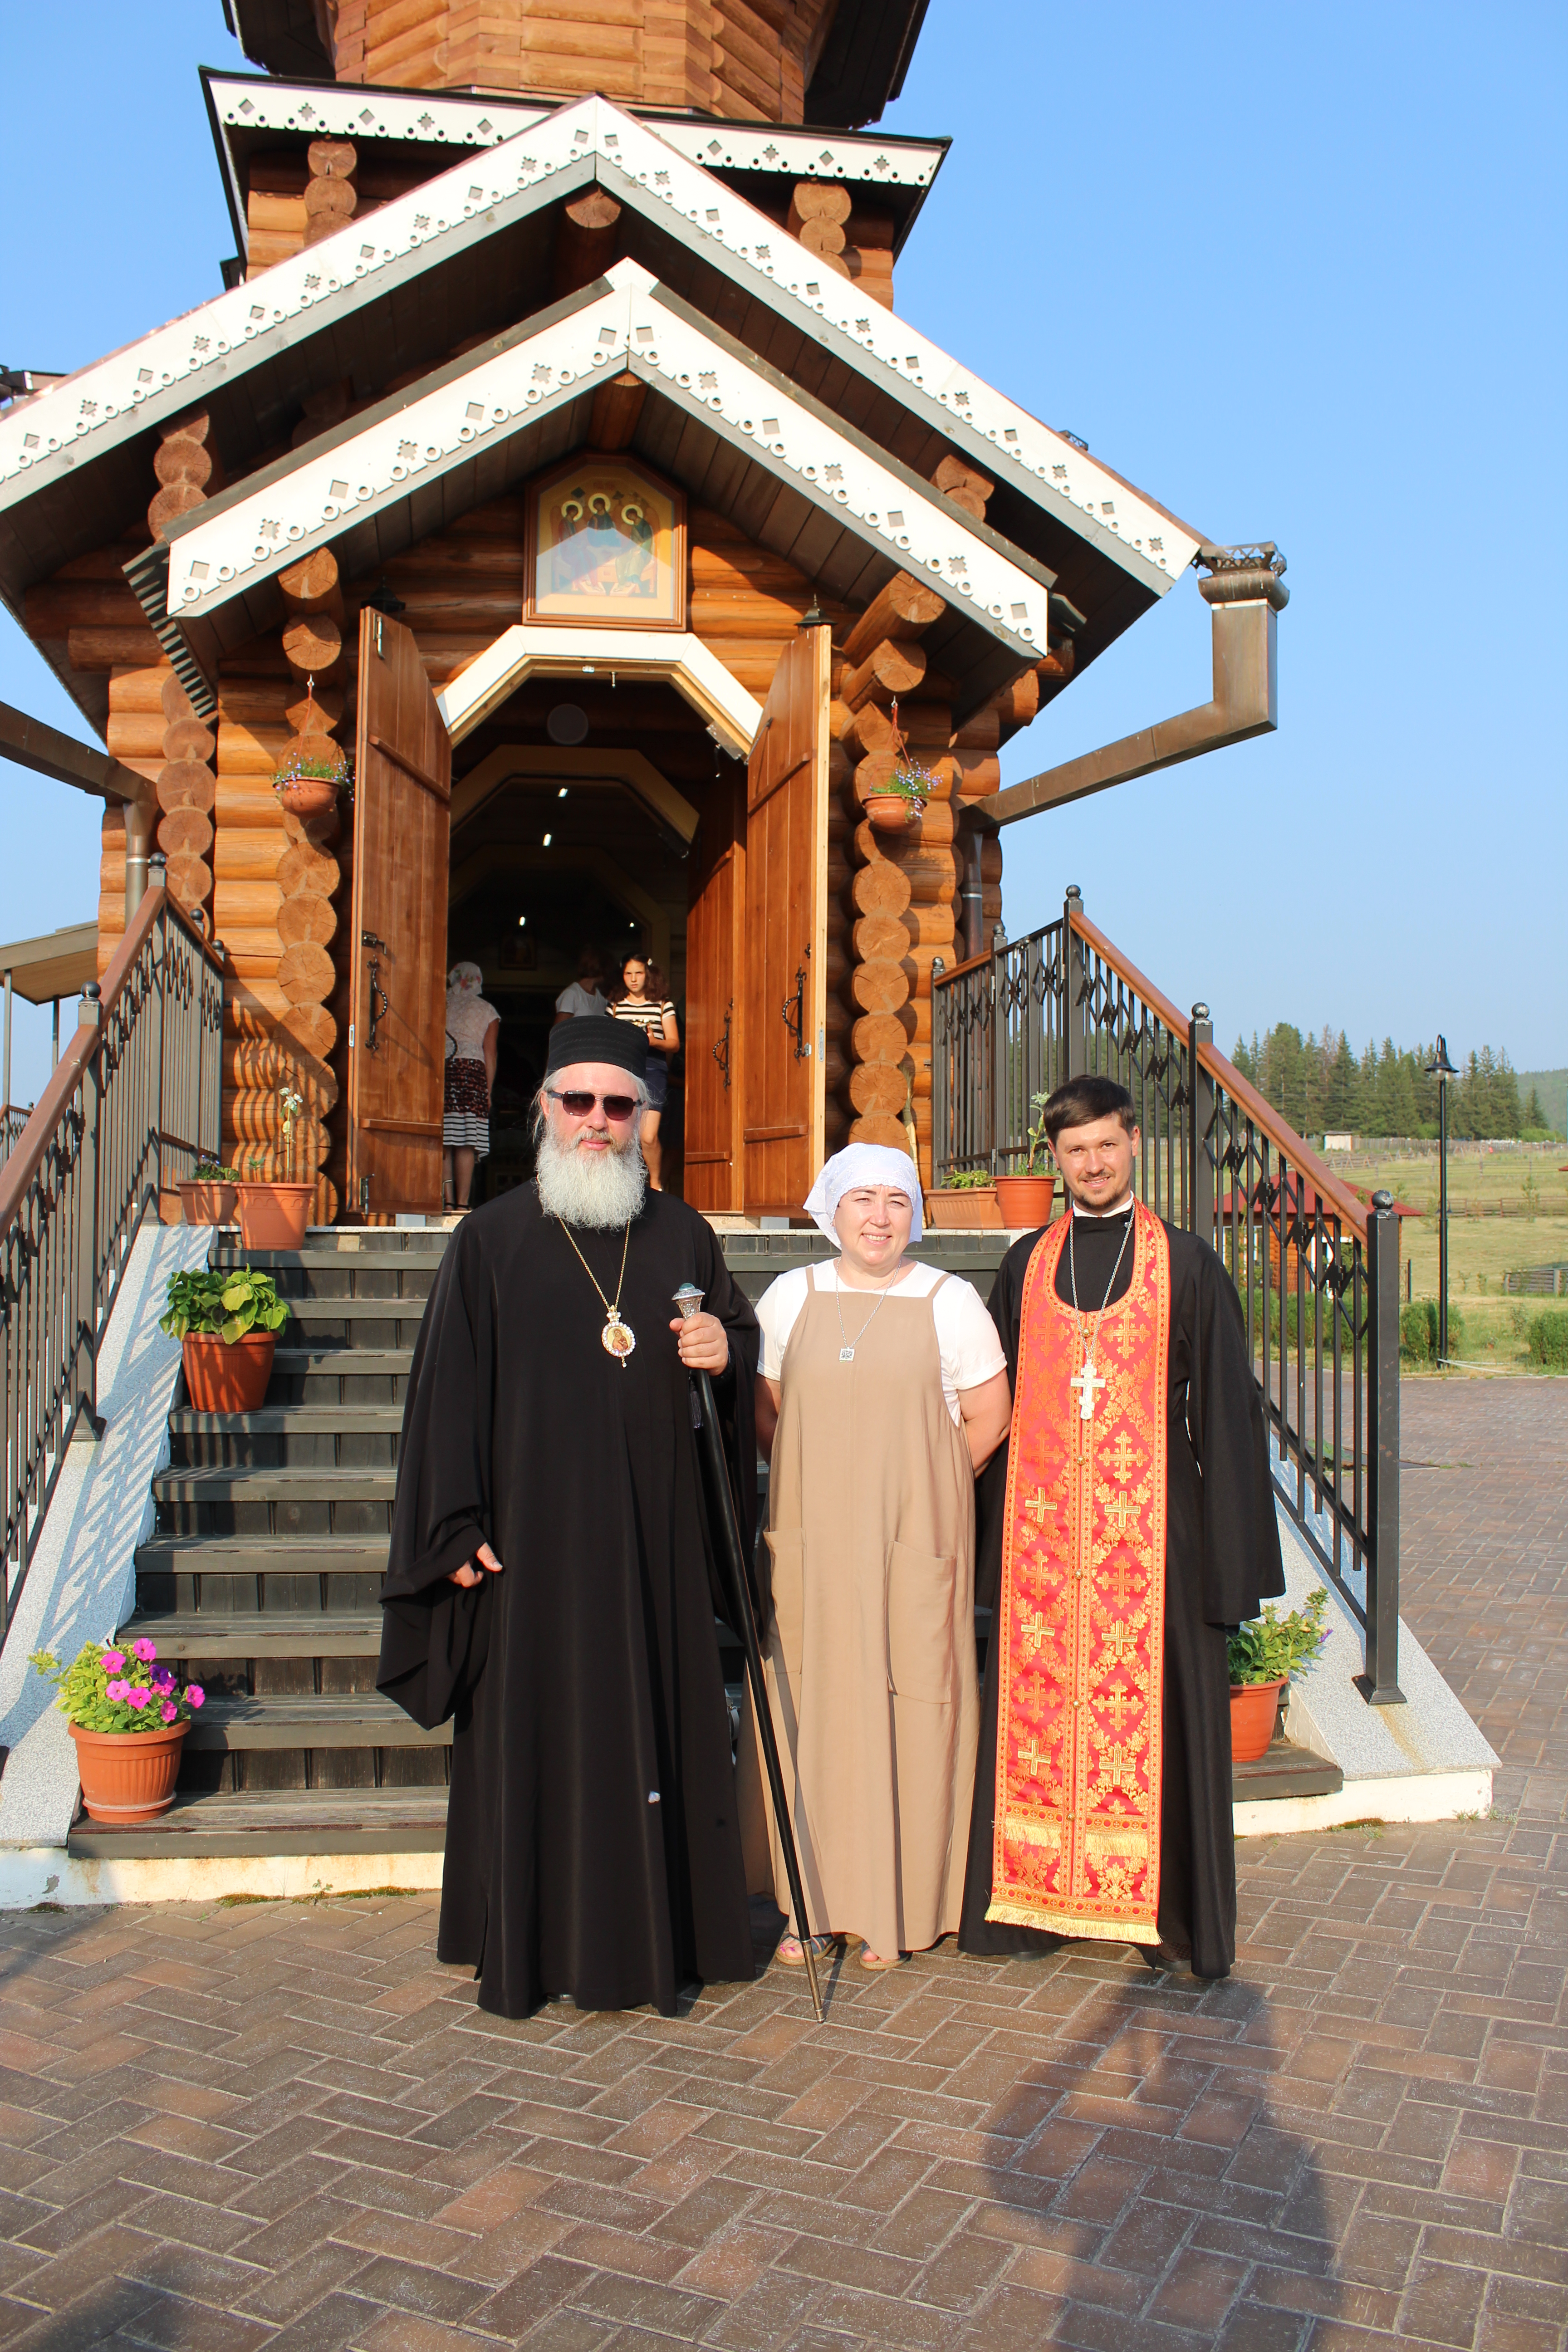 В Качугском районе произошло знаковое событие - архипастырскую поездку по приходам района совершил Митрополит Иркутский и Ангарский владыка Максимилиан